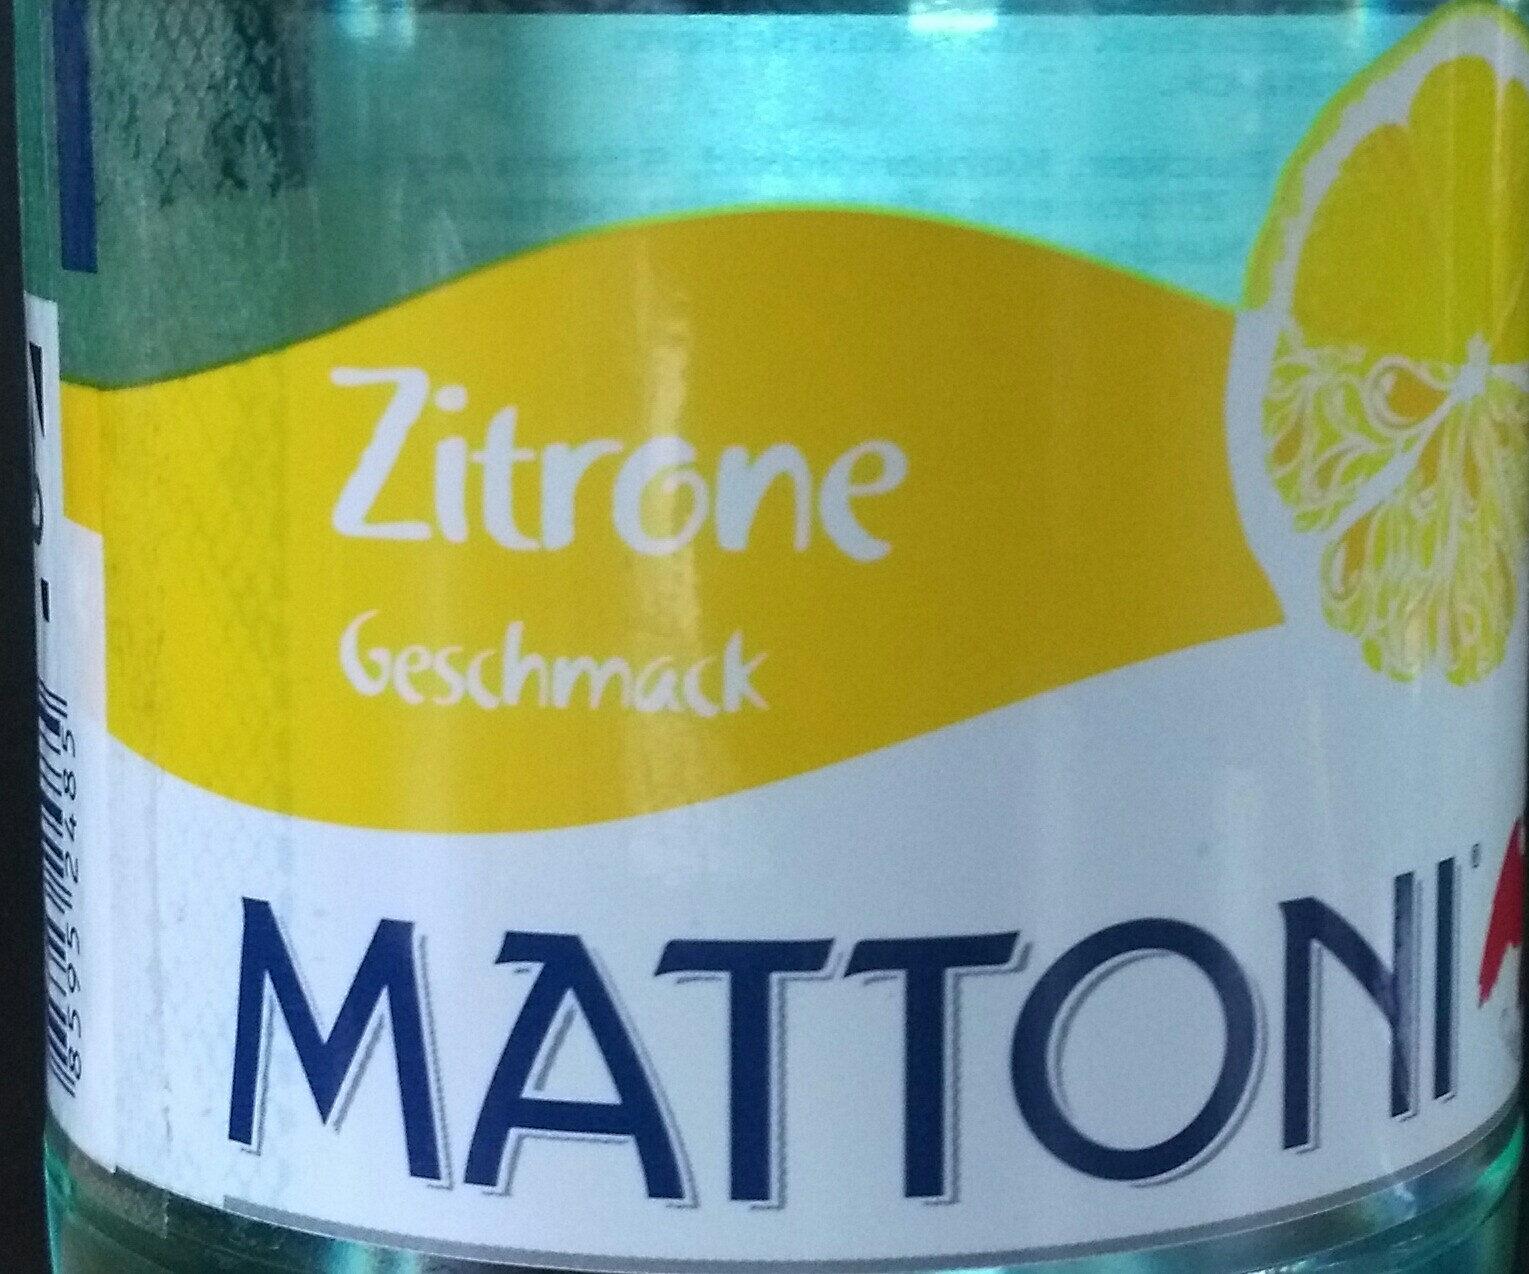 Zitrone Geschmack - Product